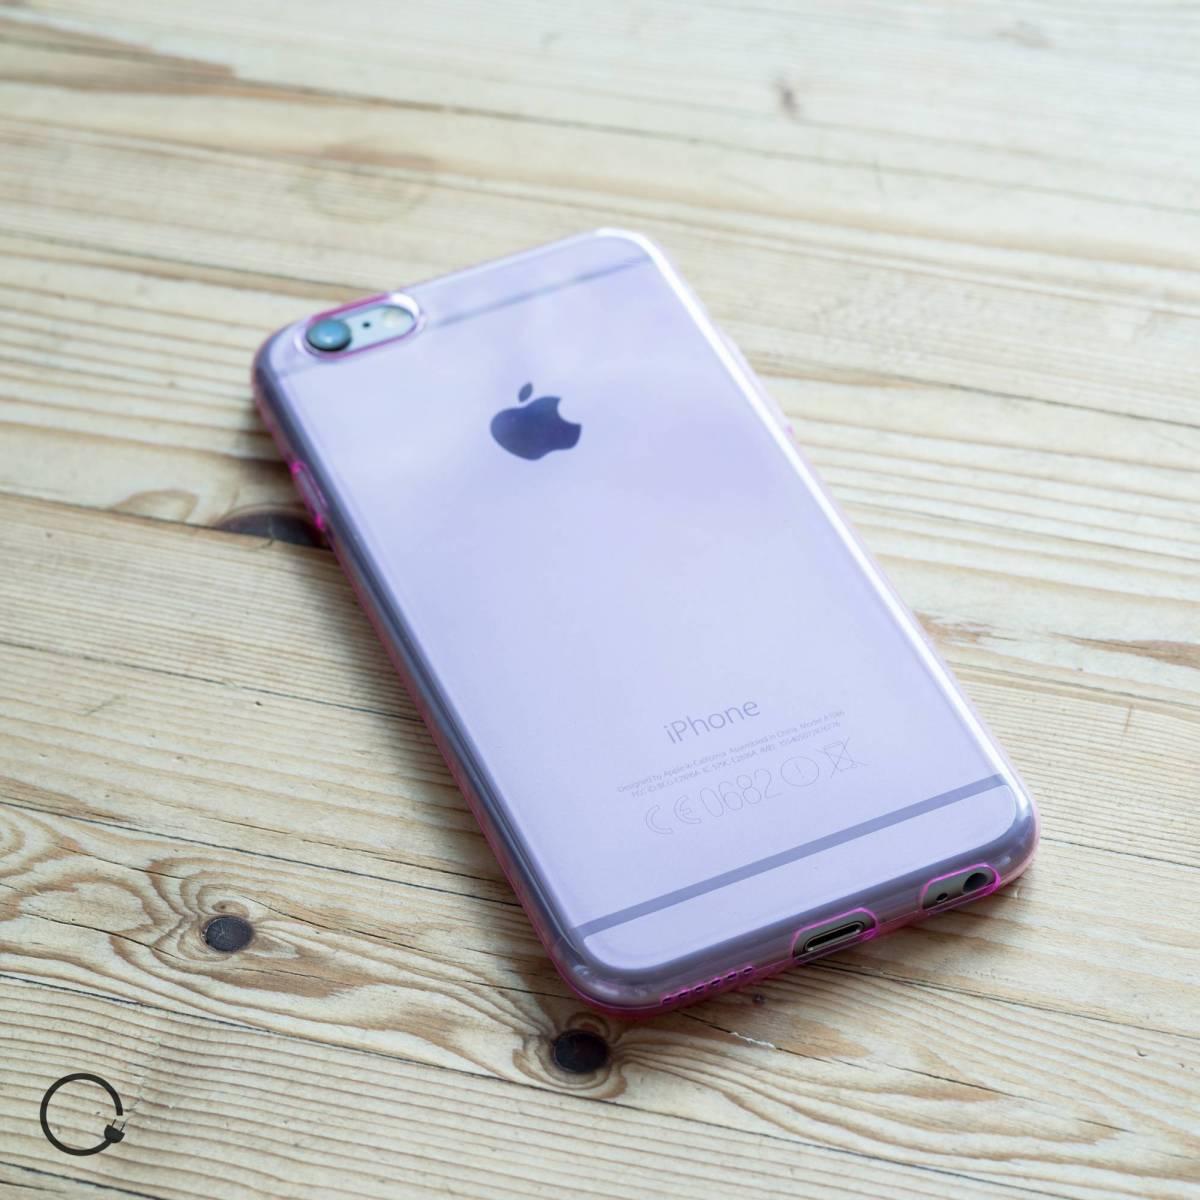 Tyndt silikone cover til iPhone 6 6s blå lyserød - MacKabler.dk fra ... b92737a85ec2a